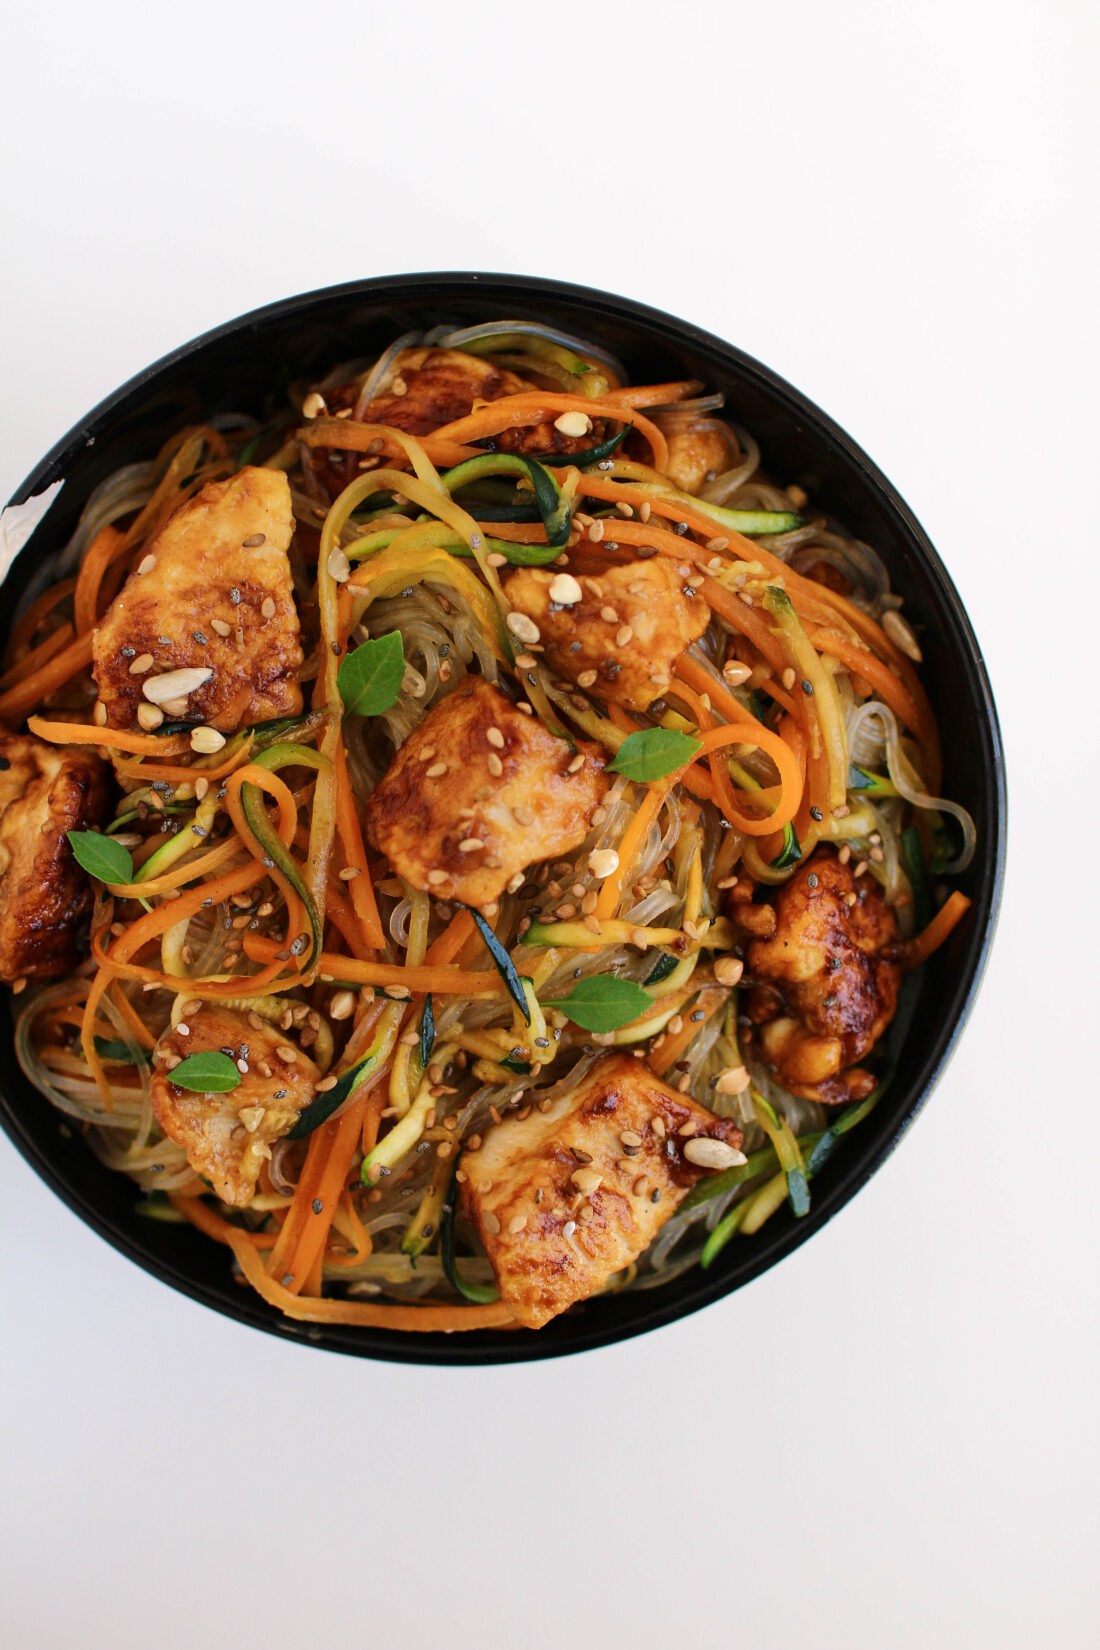 Ricetta Noodles Con Verdure E Carne.Noodles Con Verdure E Pollo Alla Soia